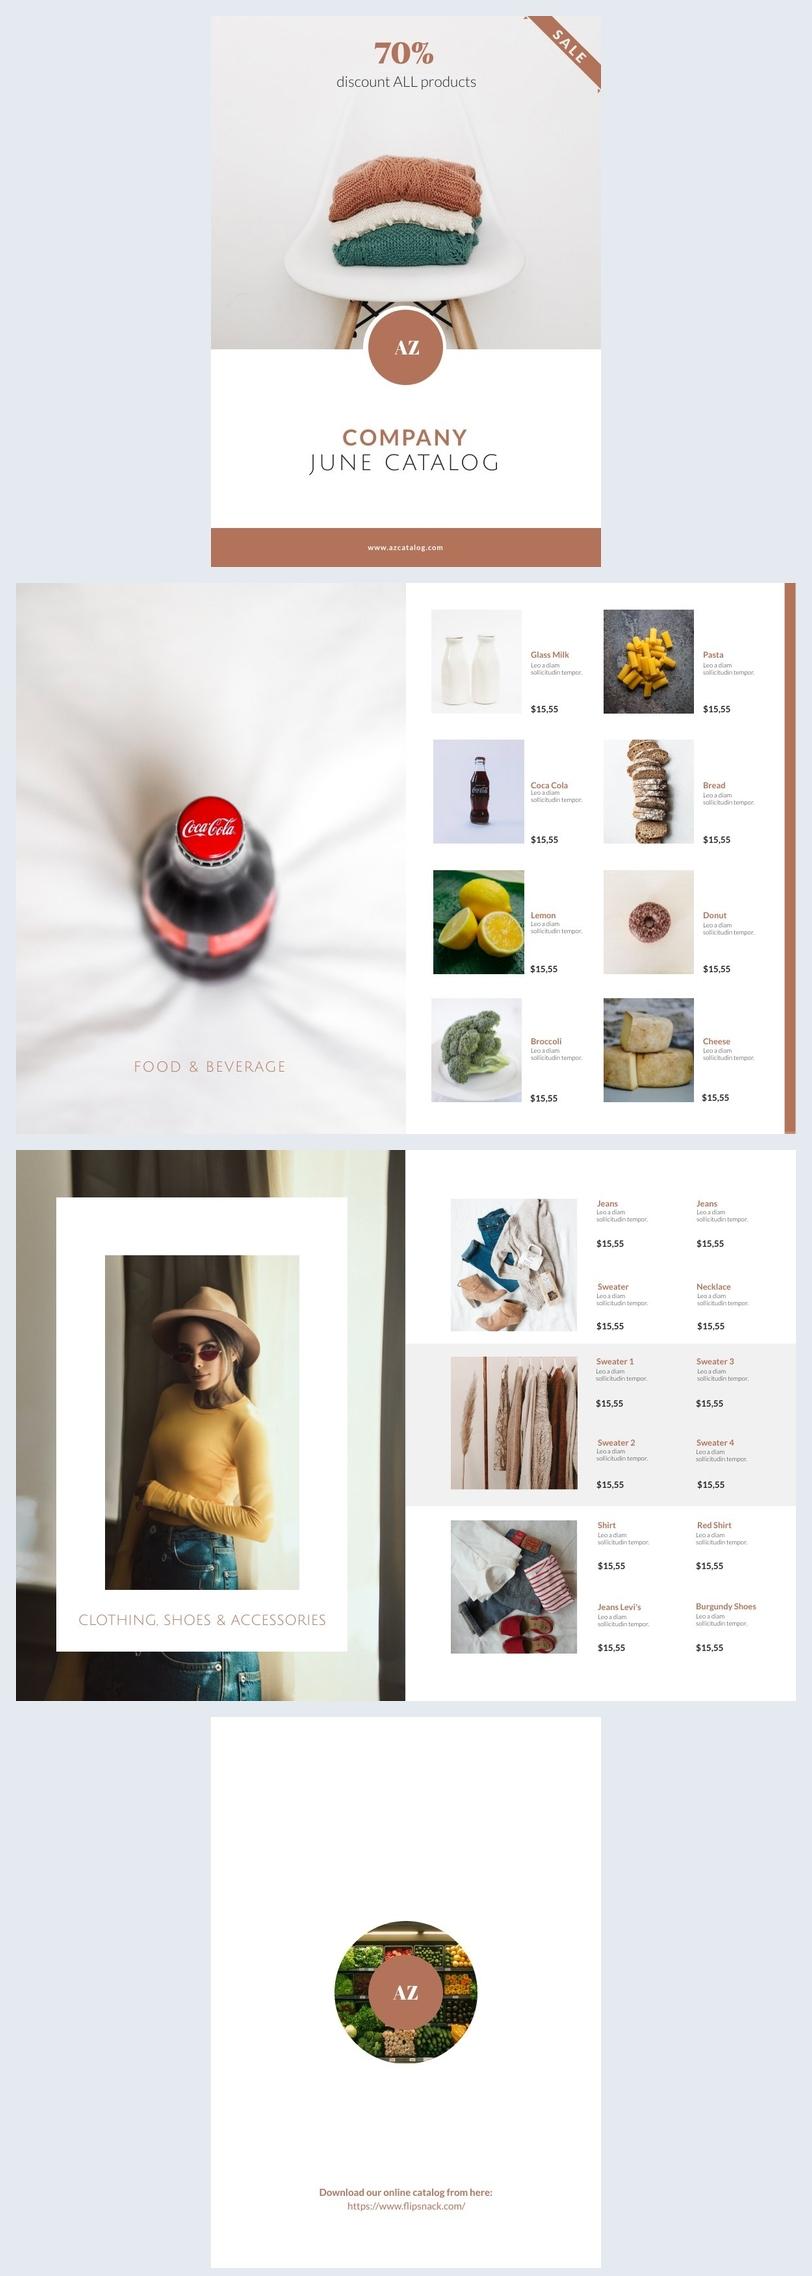 Exemple de catalogue d'entreprise personnalisable